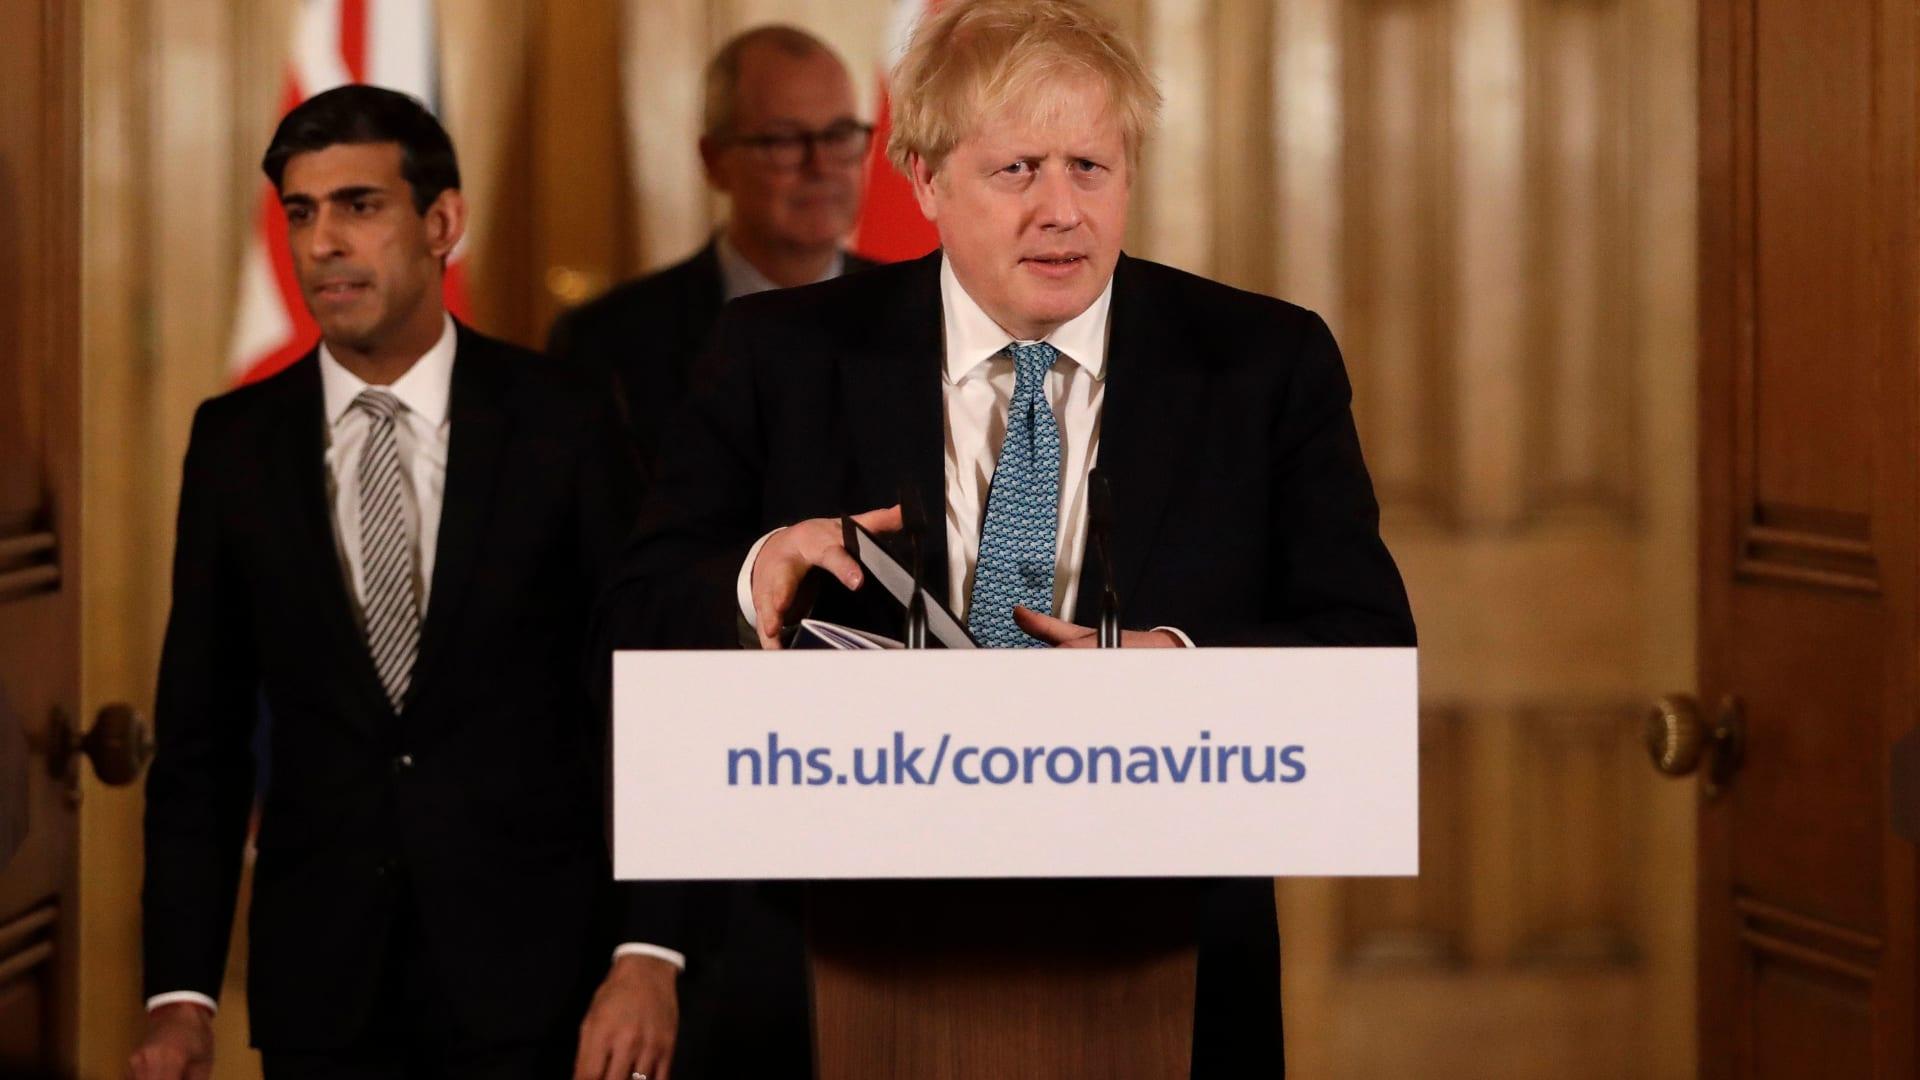 """بعد """"مناعة القطيع"""".. حكومة بريطانيا تغيّر لهجتها بشأن فيروس كورونا وتطالب بالانعزال الاجتماعي"""